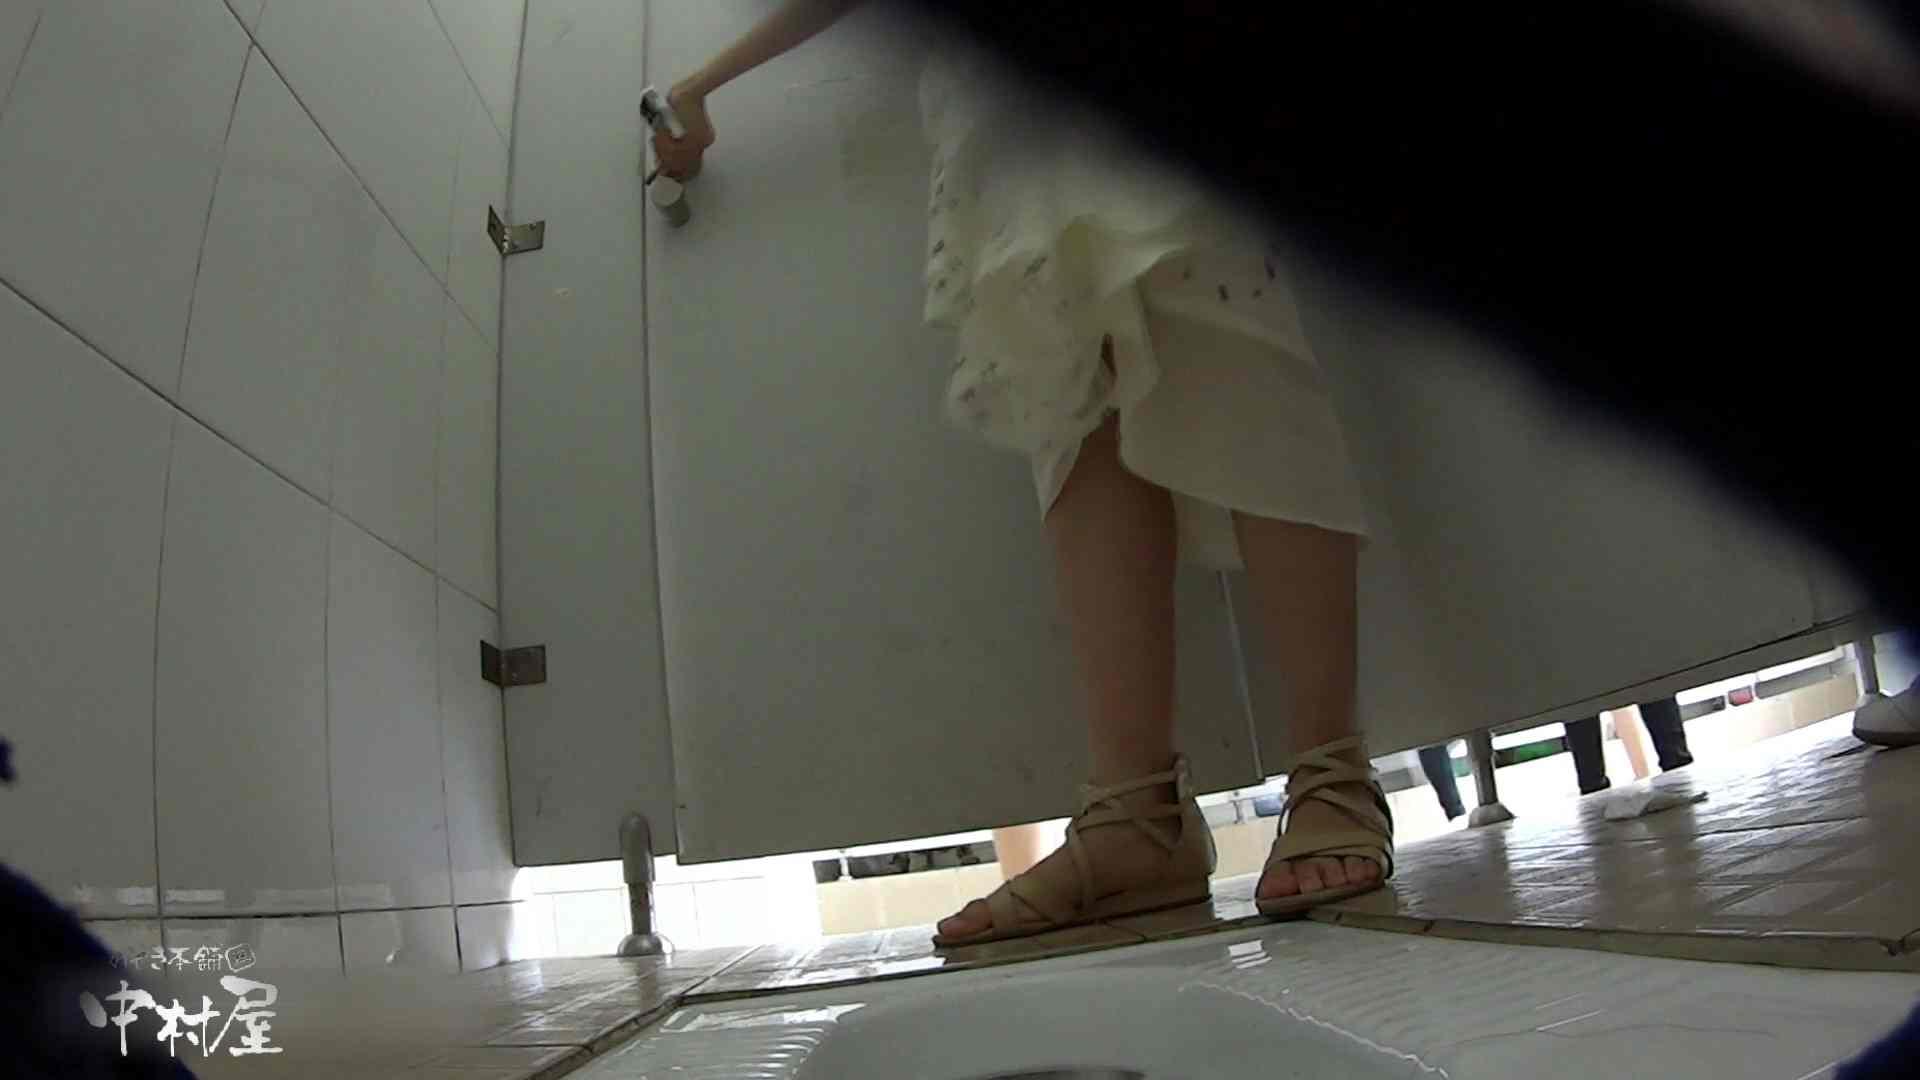 高画質フルハイビジョン眼鏡女子が多数出演!有名大学休憩時間の洗面所事情08 盗撮師作品 | 高画質  86pic 37